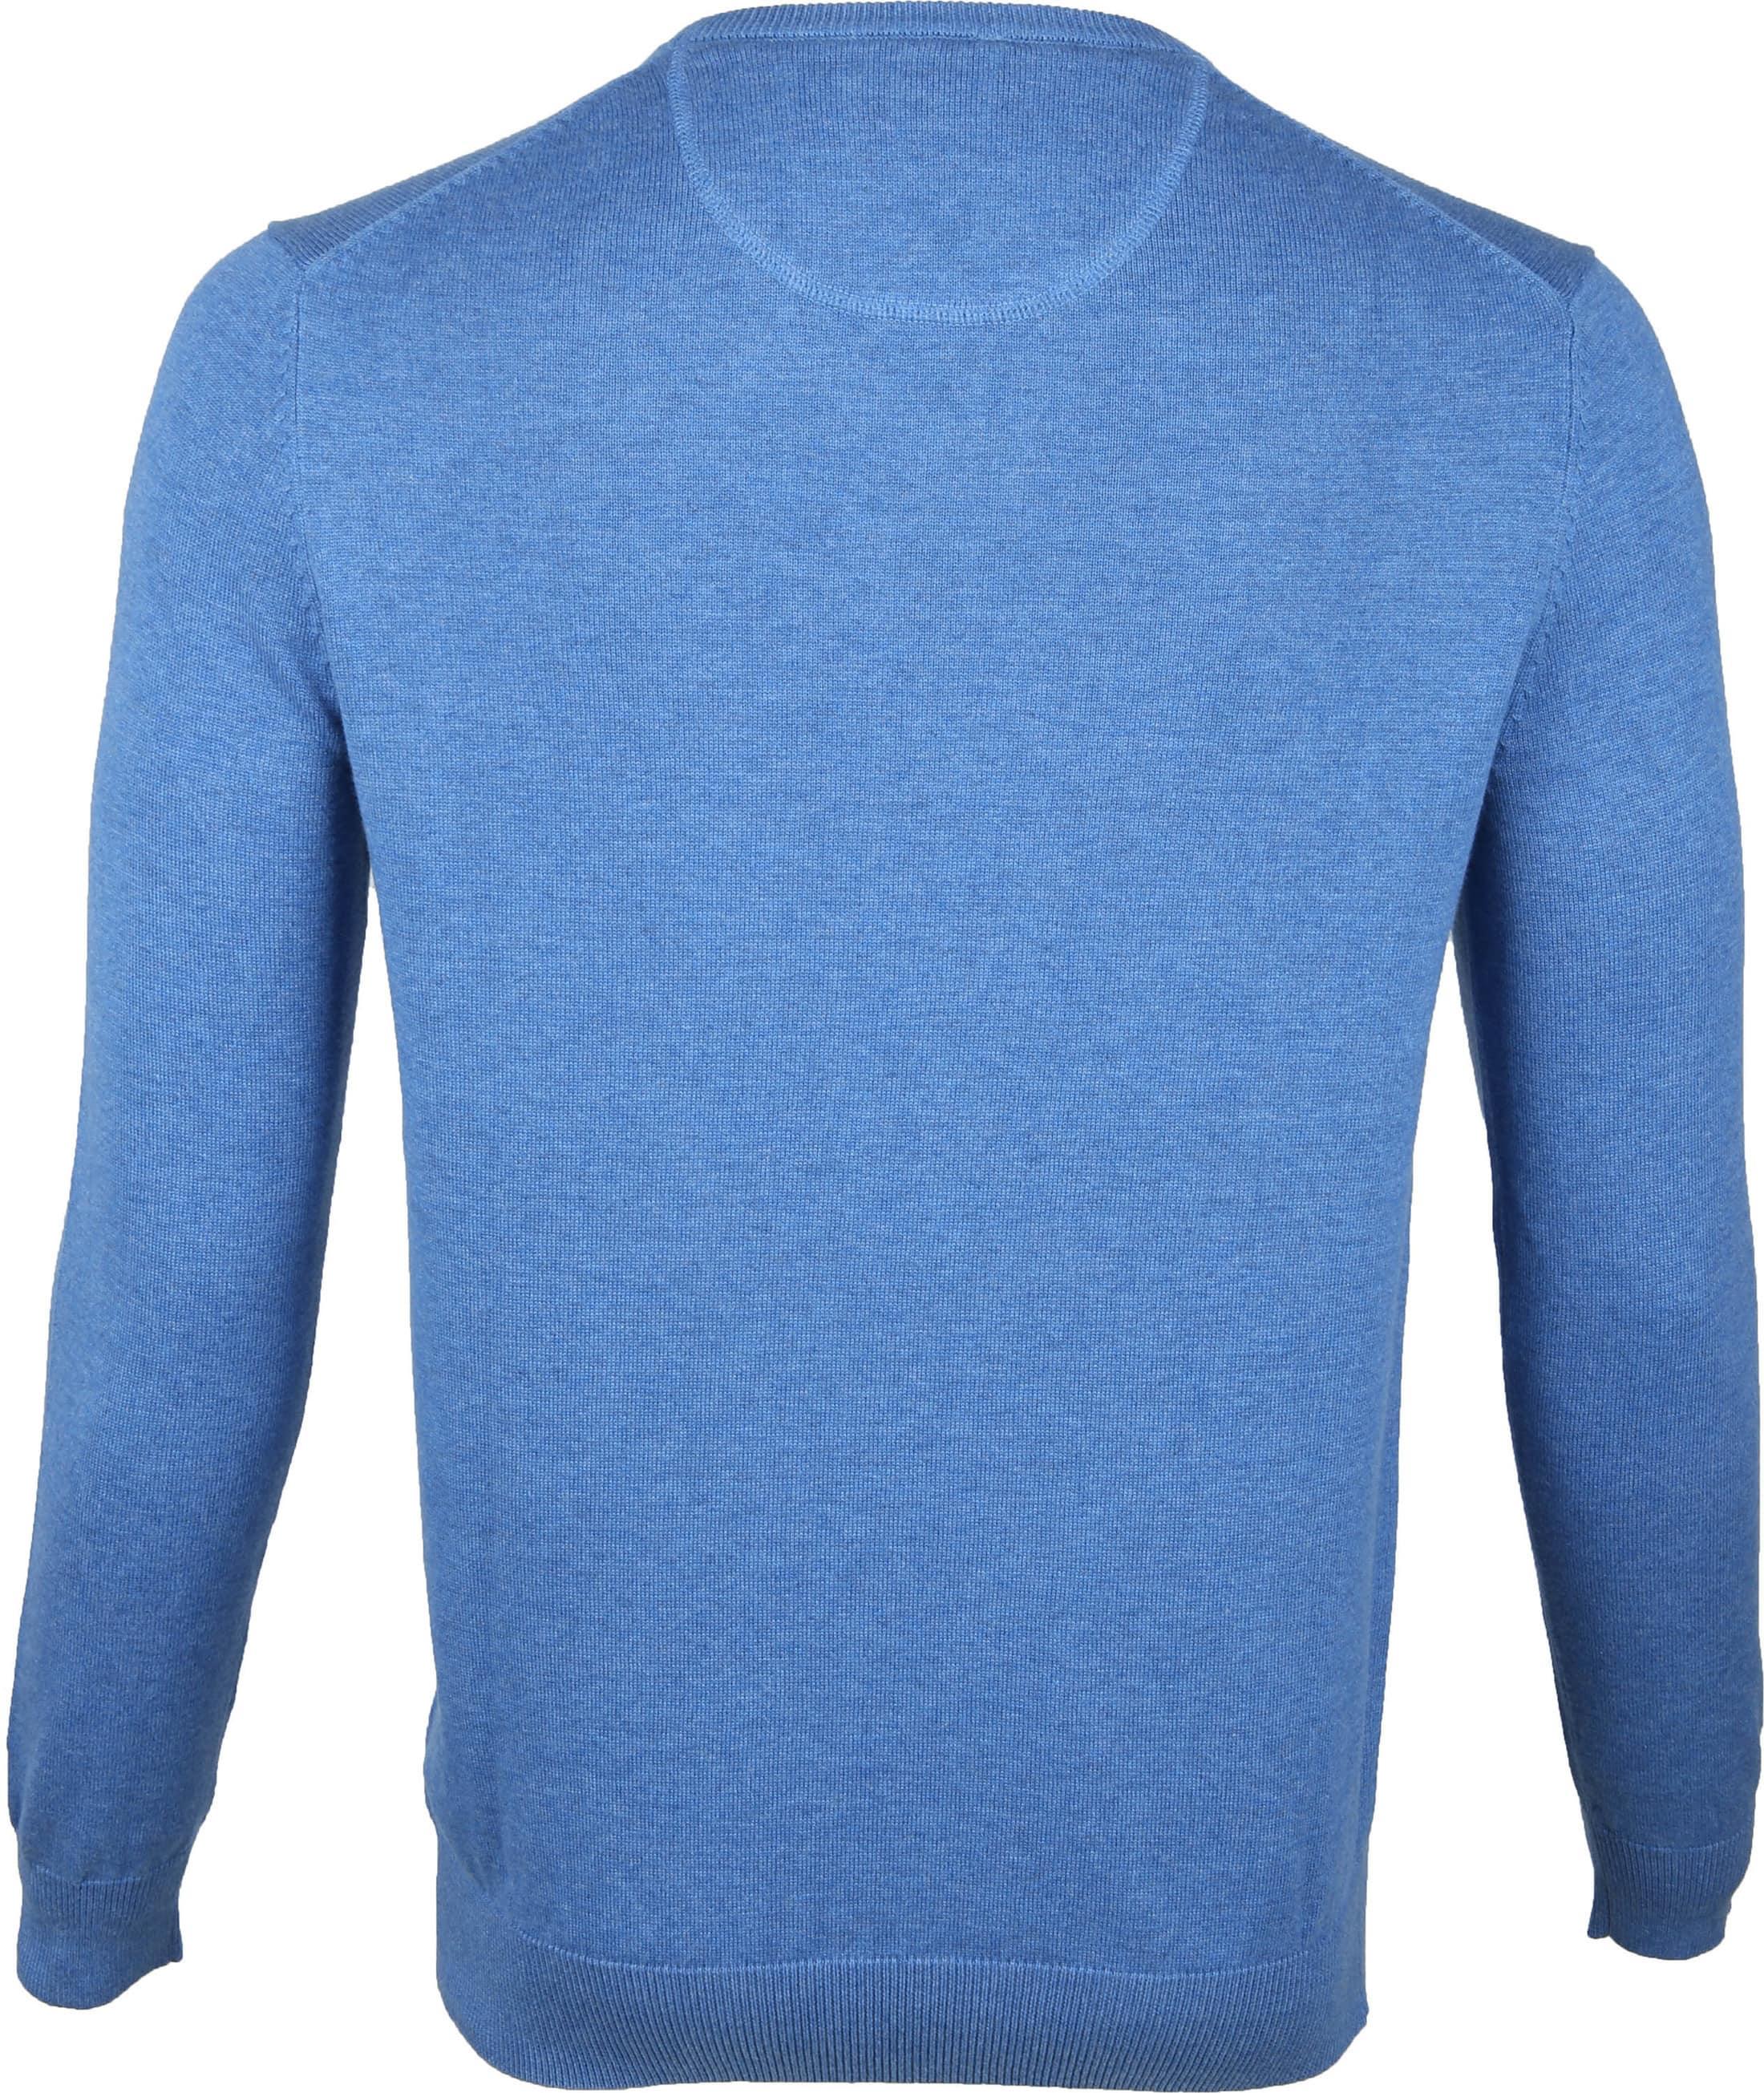 Suitable Vini Pullover Blauw foto 3